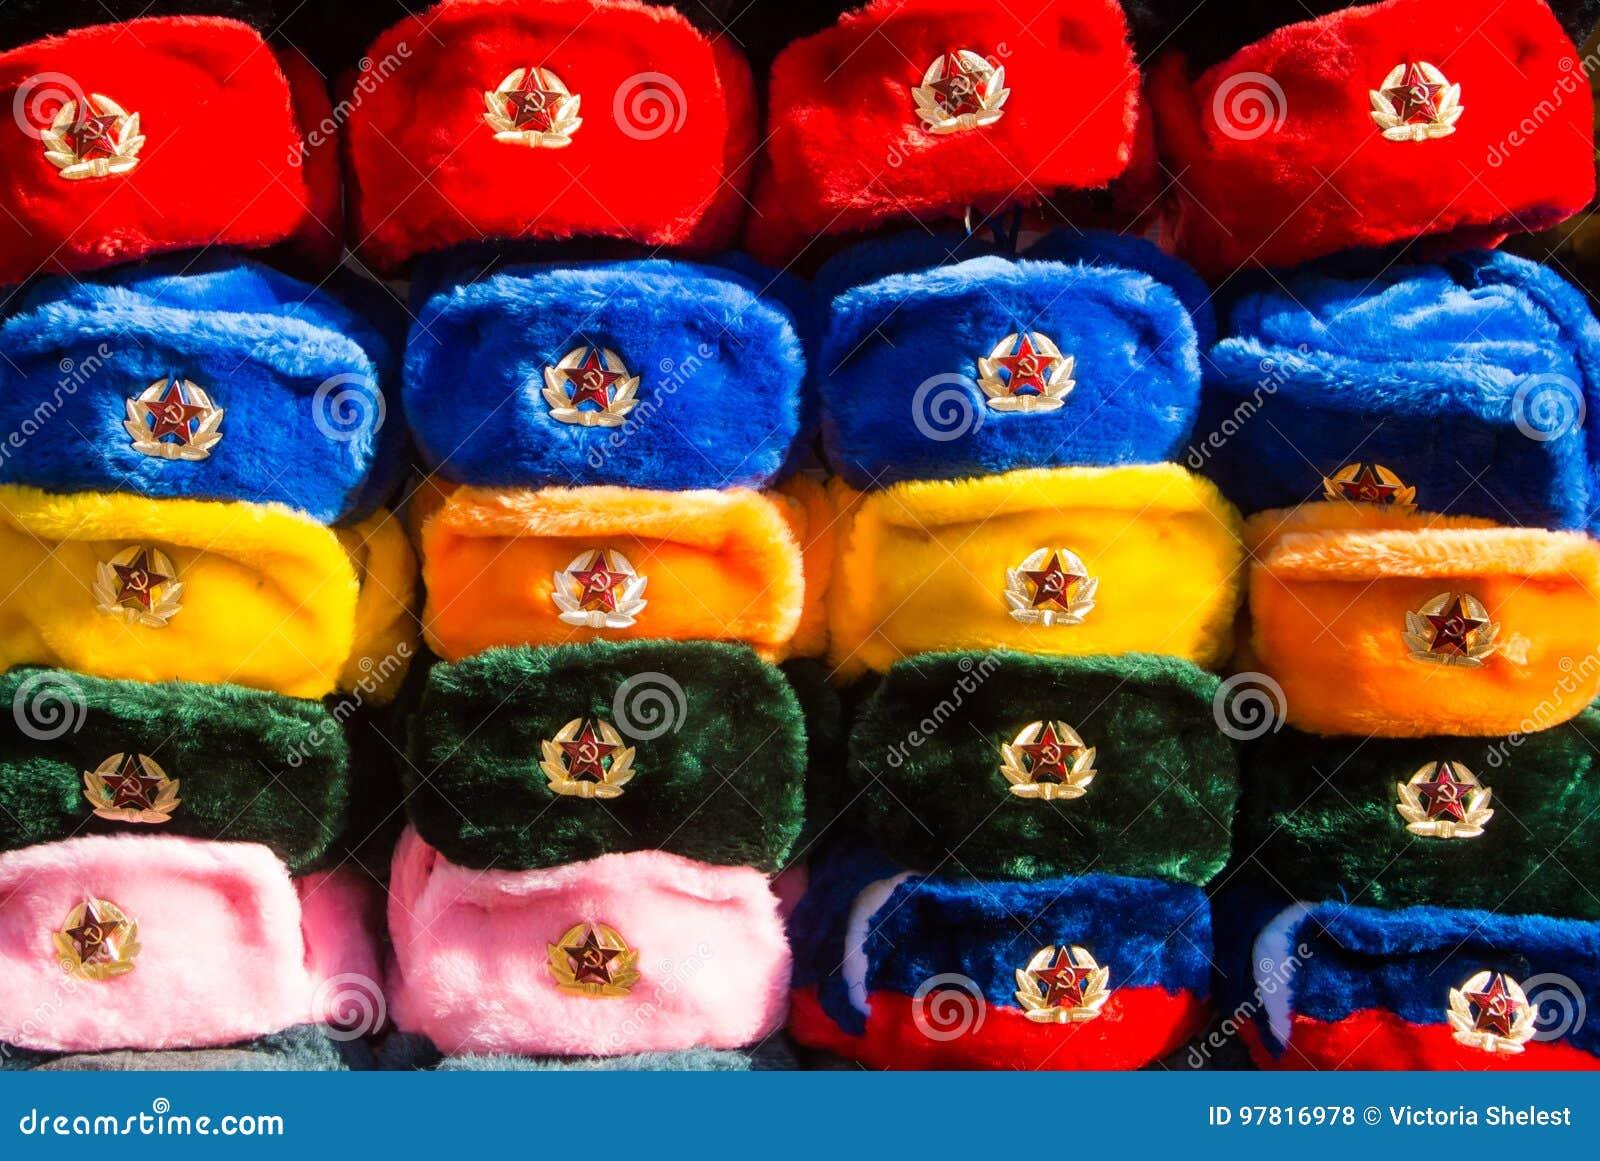 Fileiras de chapéus do inverno do russo de cores diferentes com os emblemas do exército no mercado de rua na rua velha de Arbat